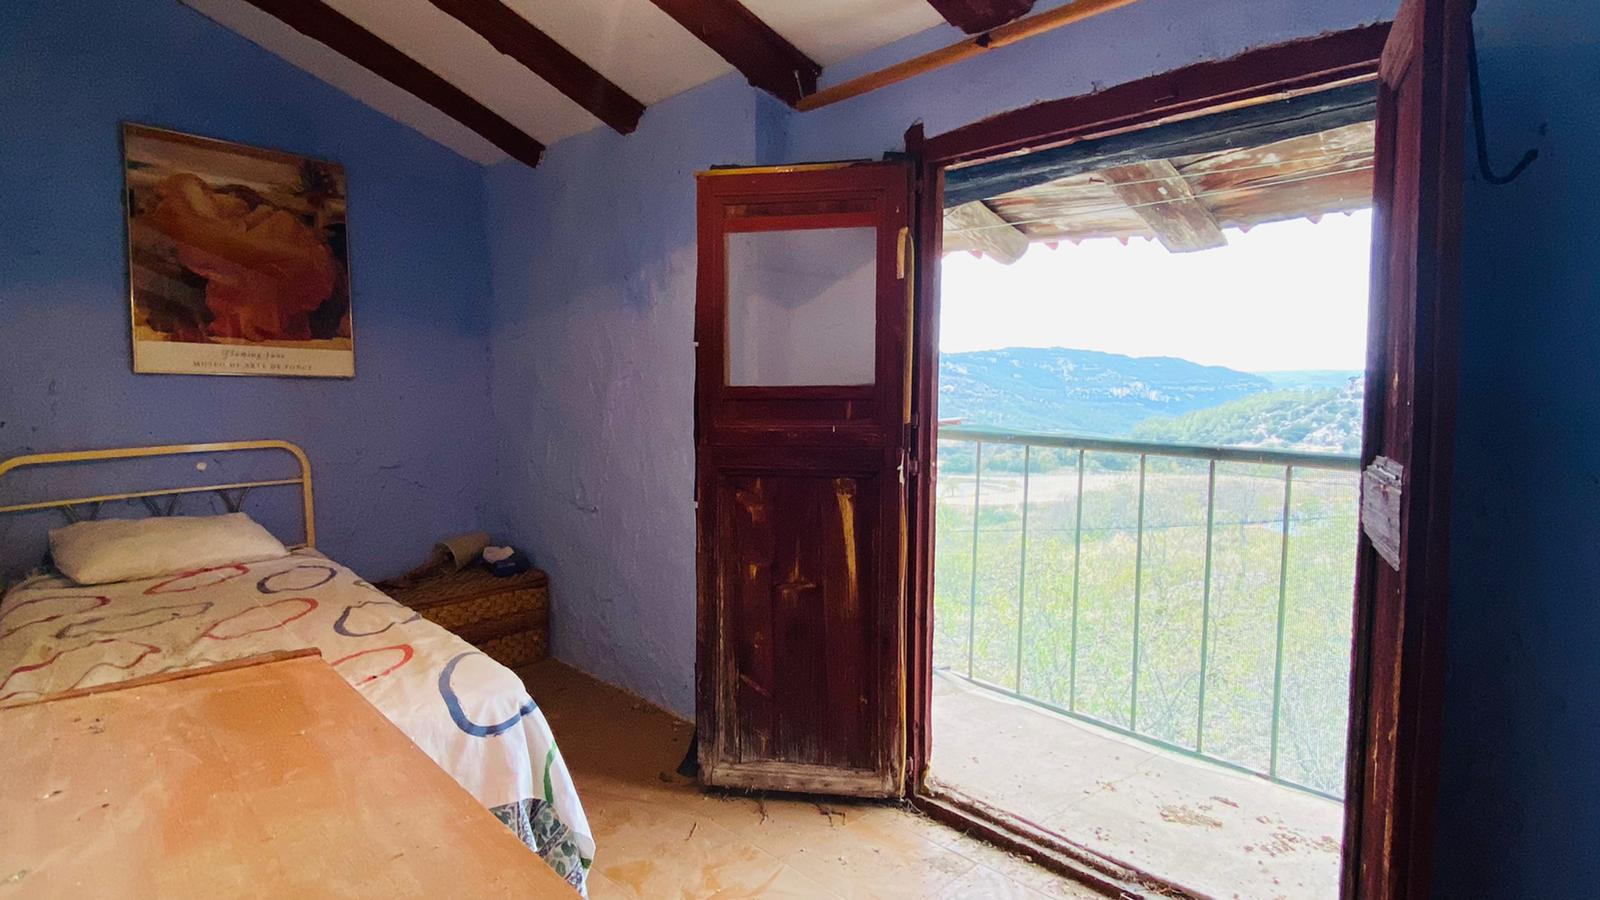 Casa  Morella. Rural marengo, casa a 10 minutos de morella, excelente casa, da